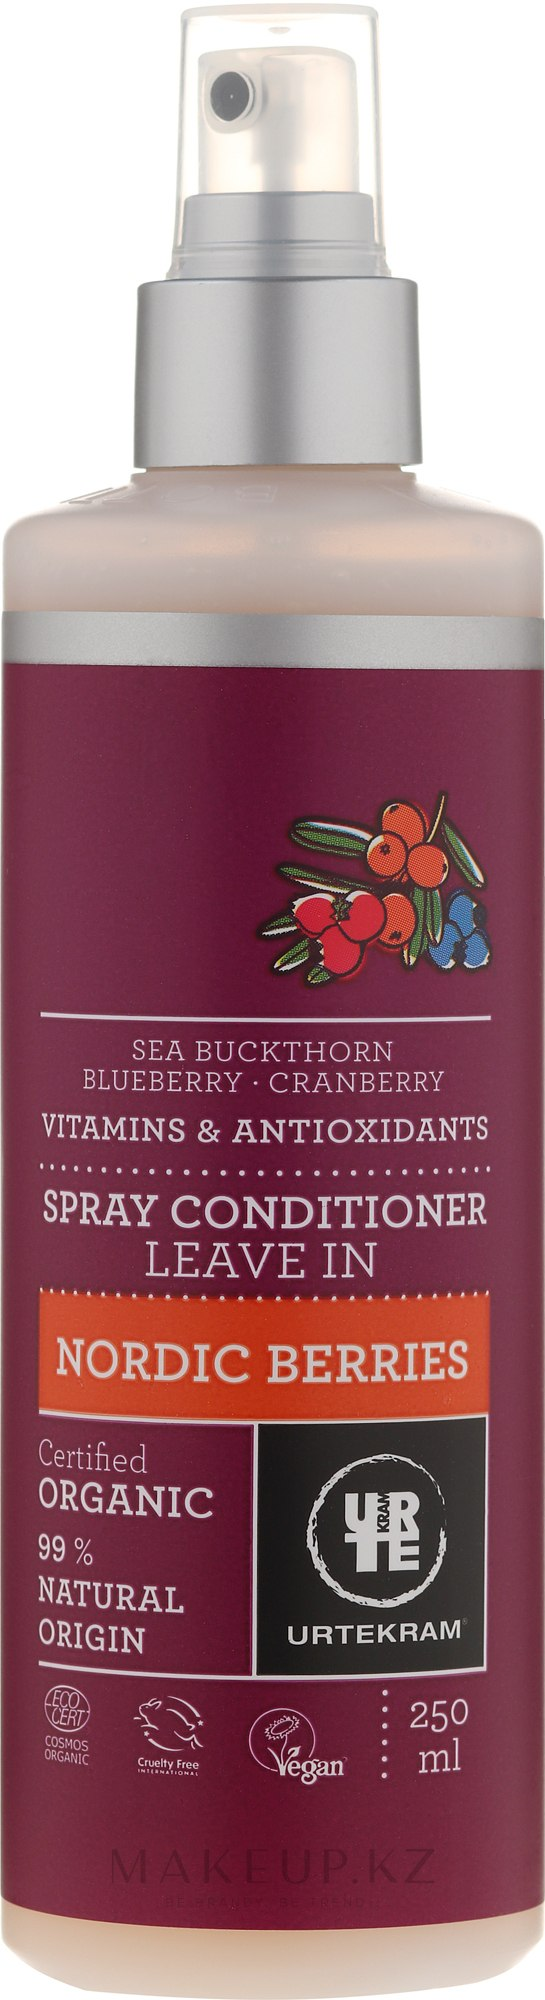 """Спрей-кондиционер для волос """"Северные ягоды"""" - Urtekram Nordic Berries Spray Conditioner Leave In — фото 250 ml"""